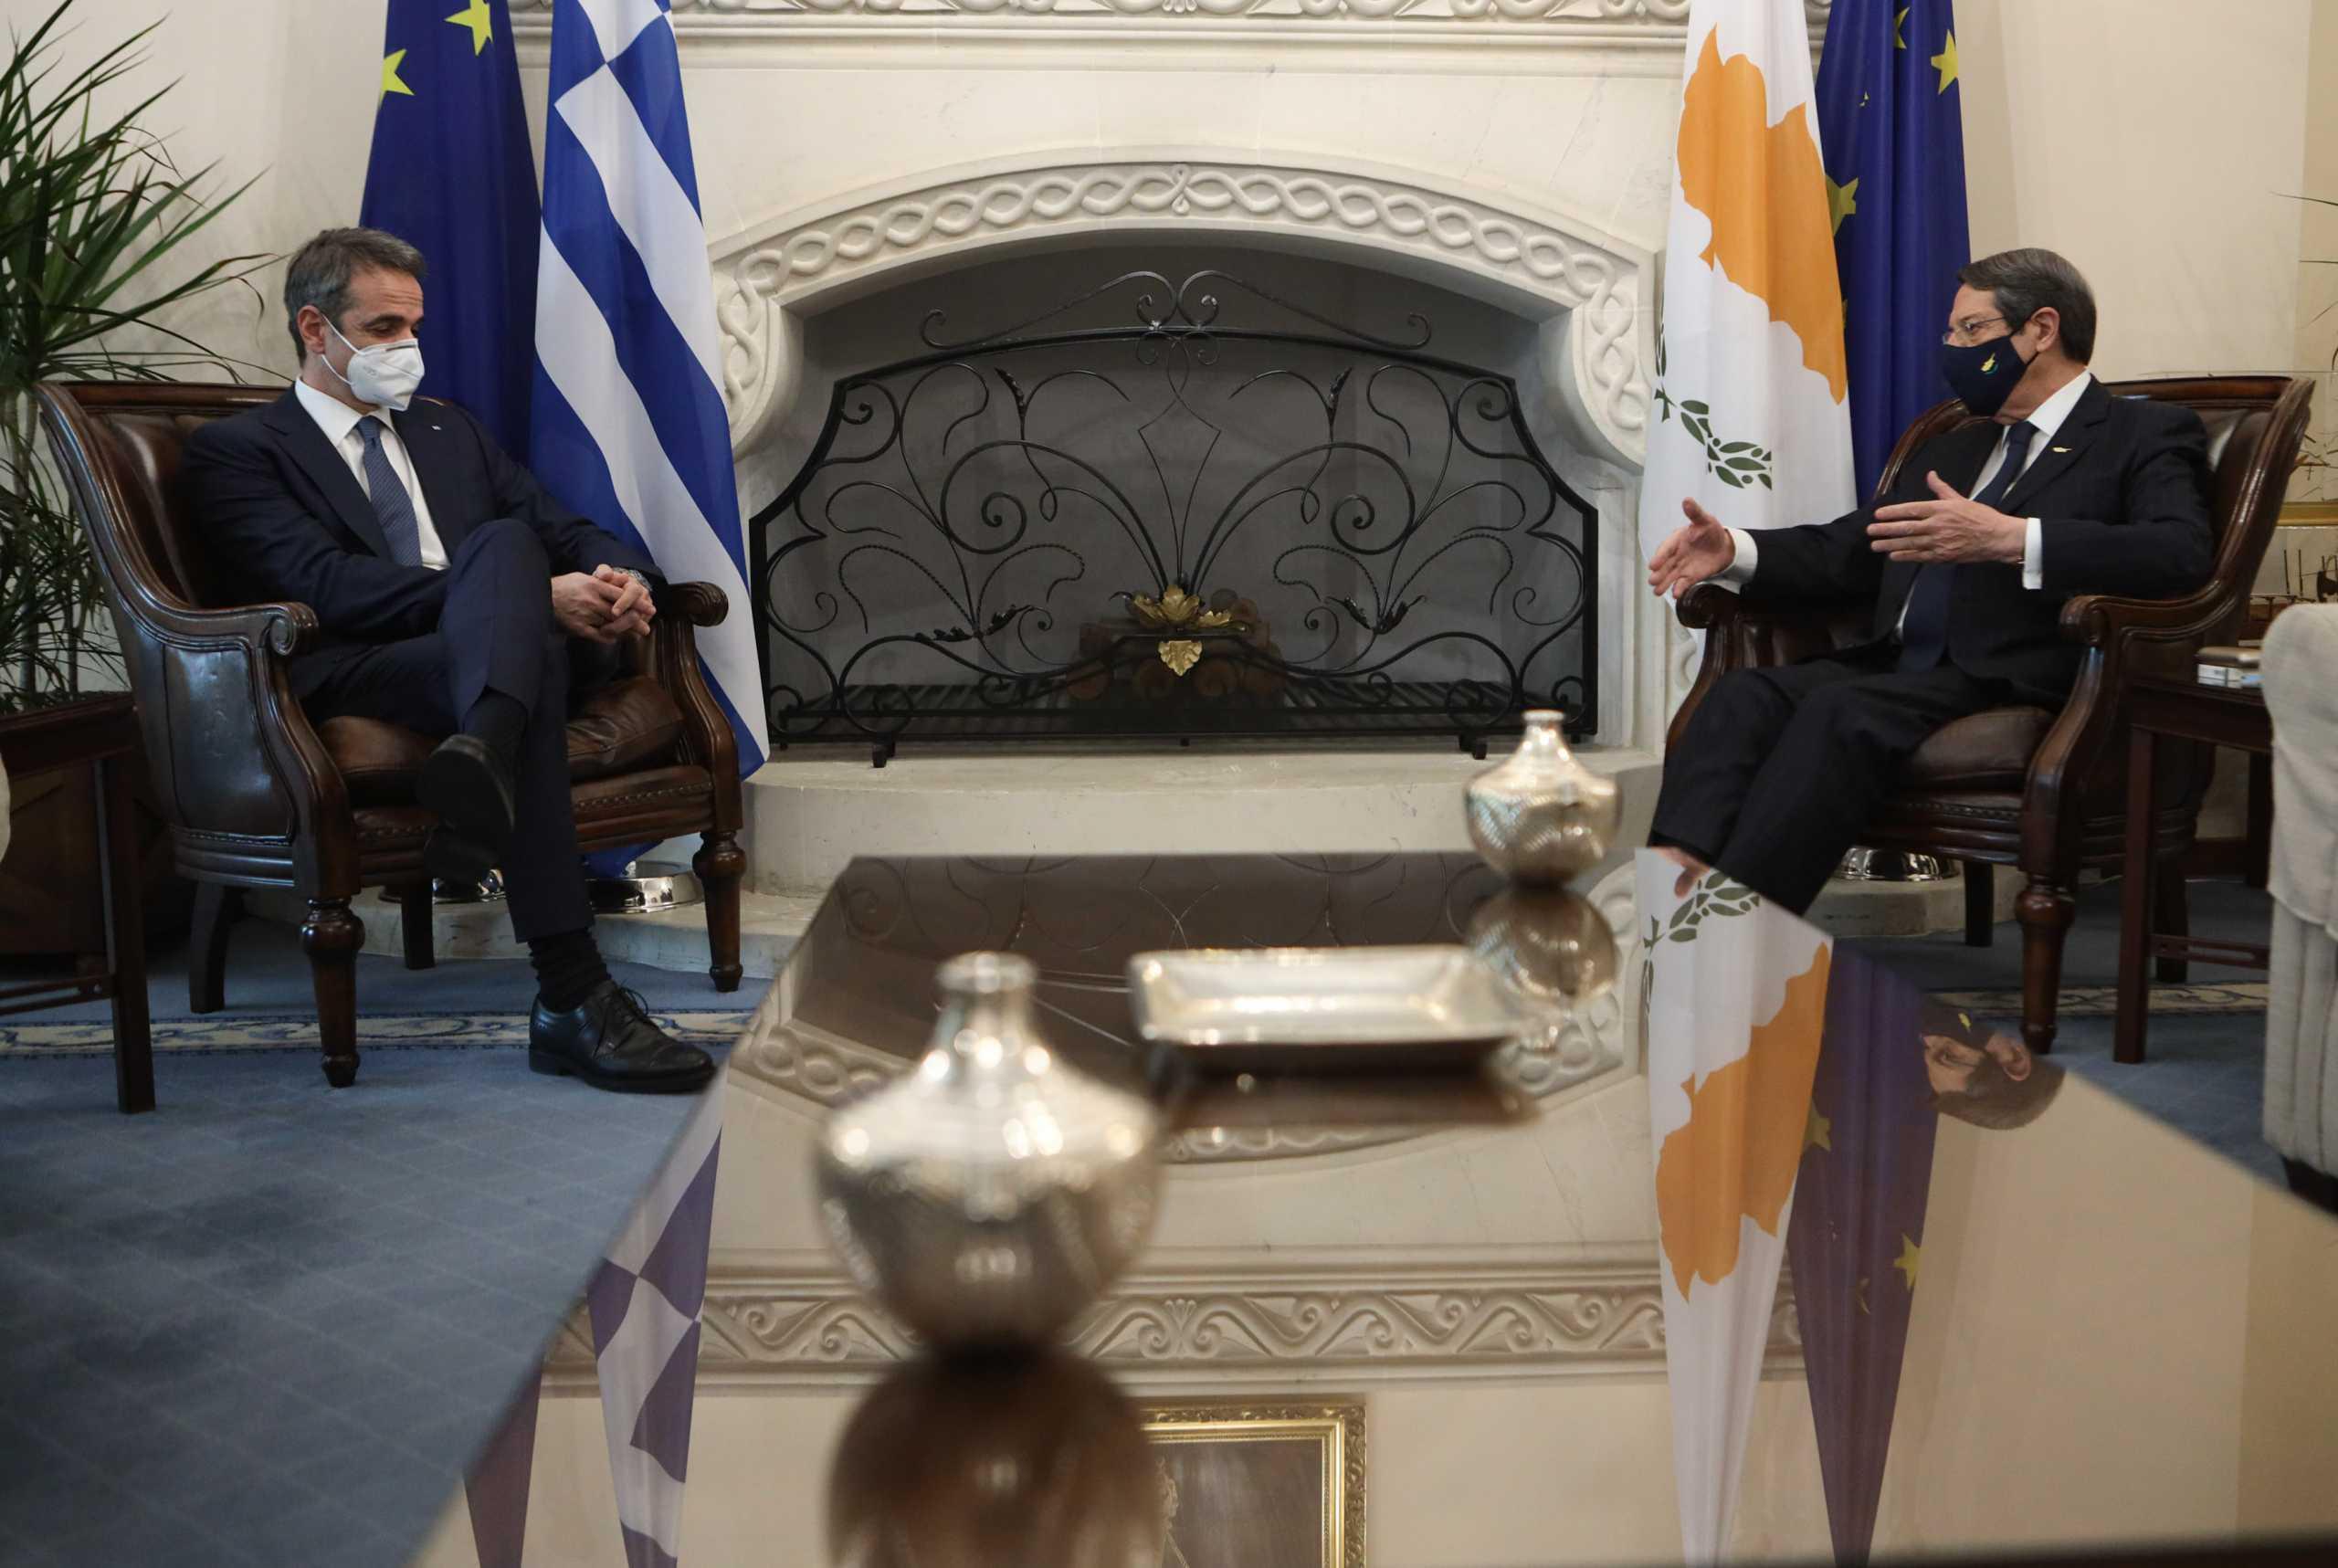 Μητσοτάκης σε Αναστασιάδη: Αυτονόητη ανάγκη Ελλάδα και Κύπρος να είναι απολύτως συντονισμένες